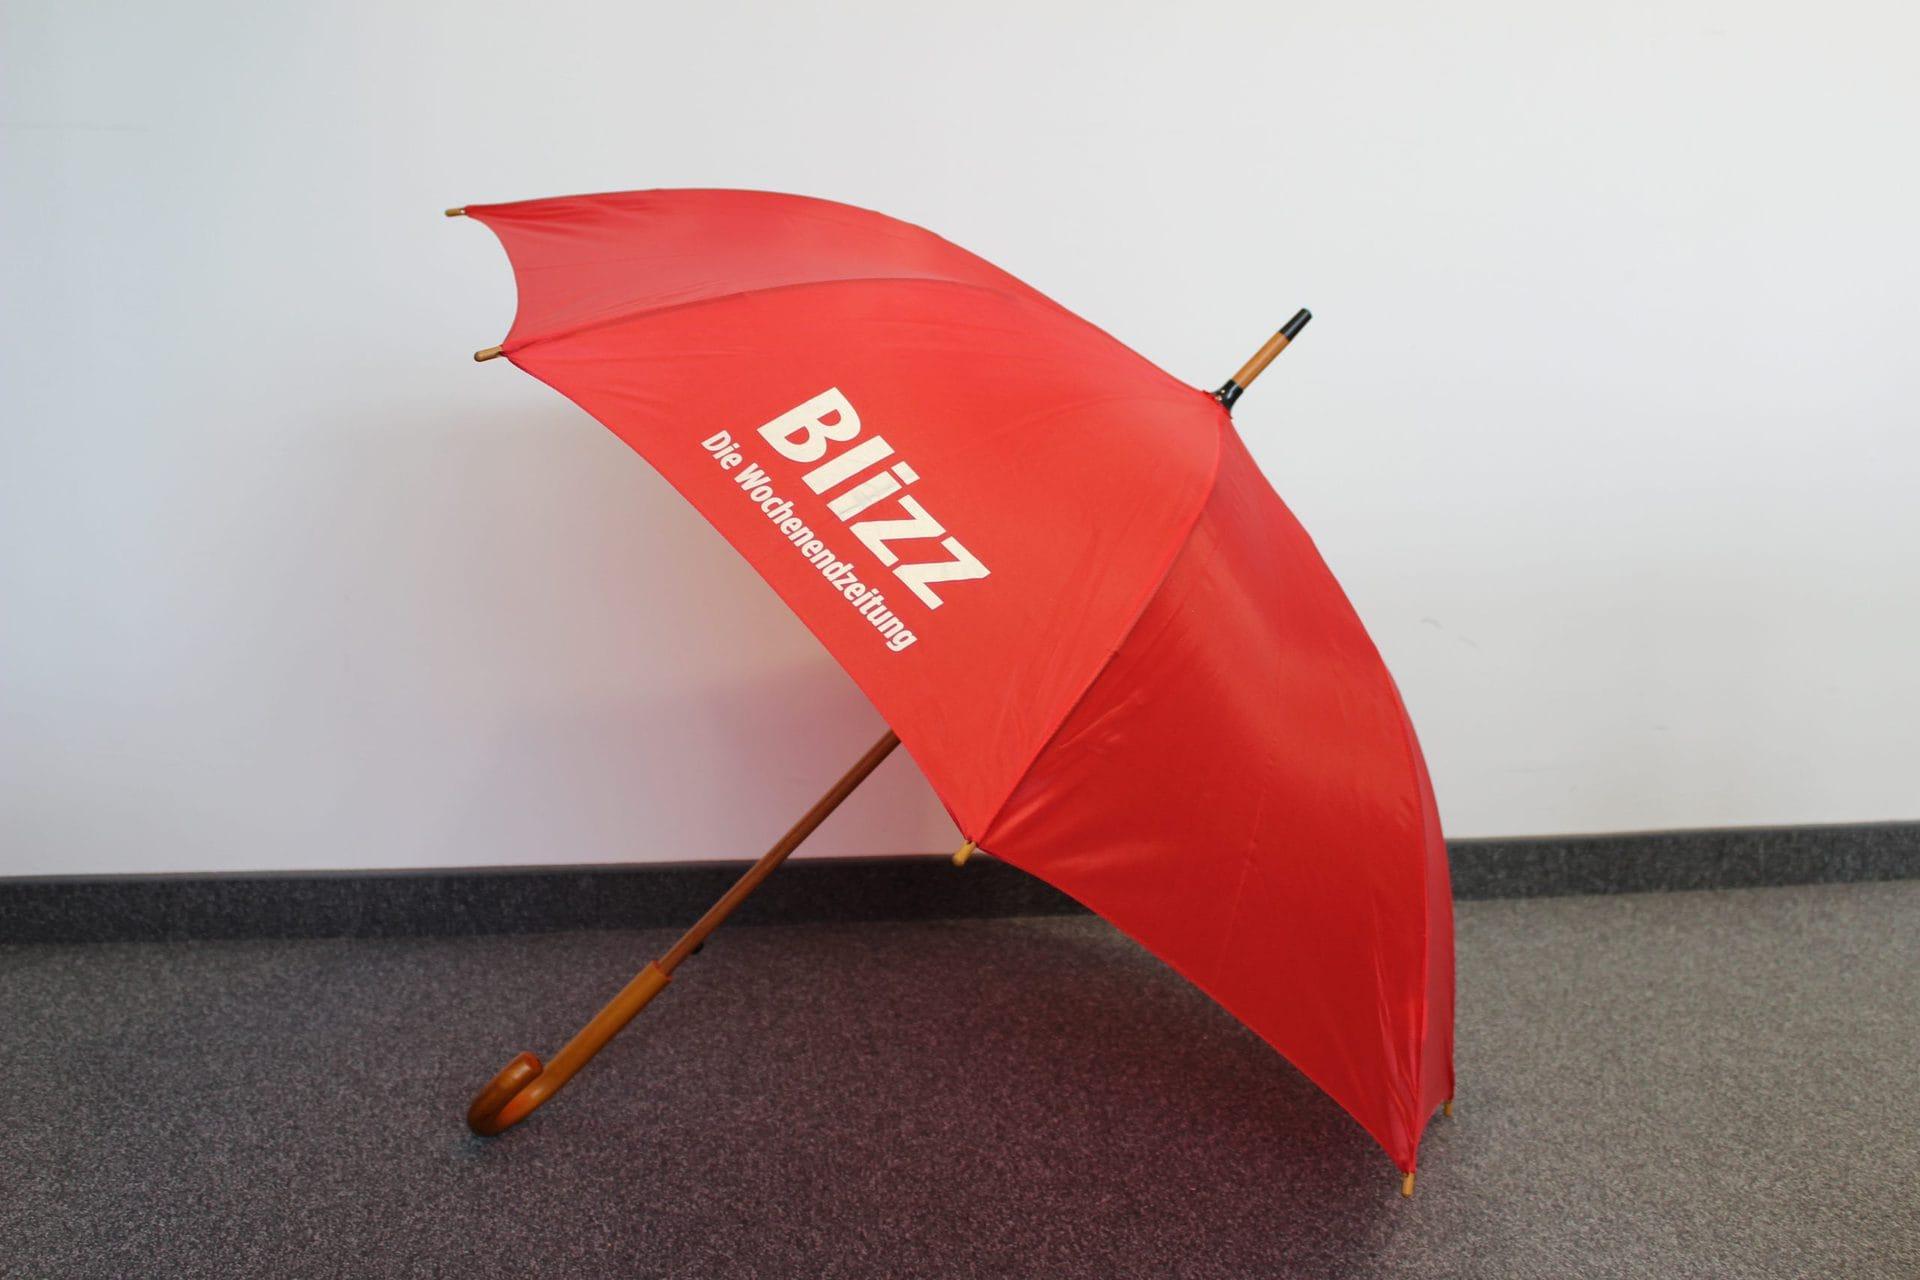 Donnerwetter! Wir verlosen 55 Regenschirme! Gewinnt einen Regenschirm im Blizz-Design.